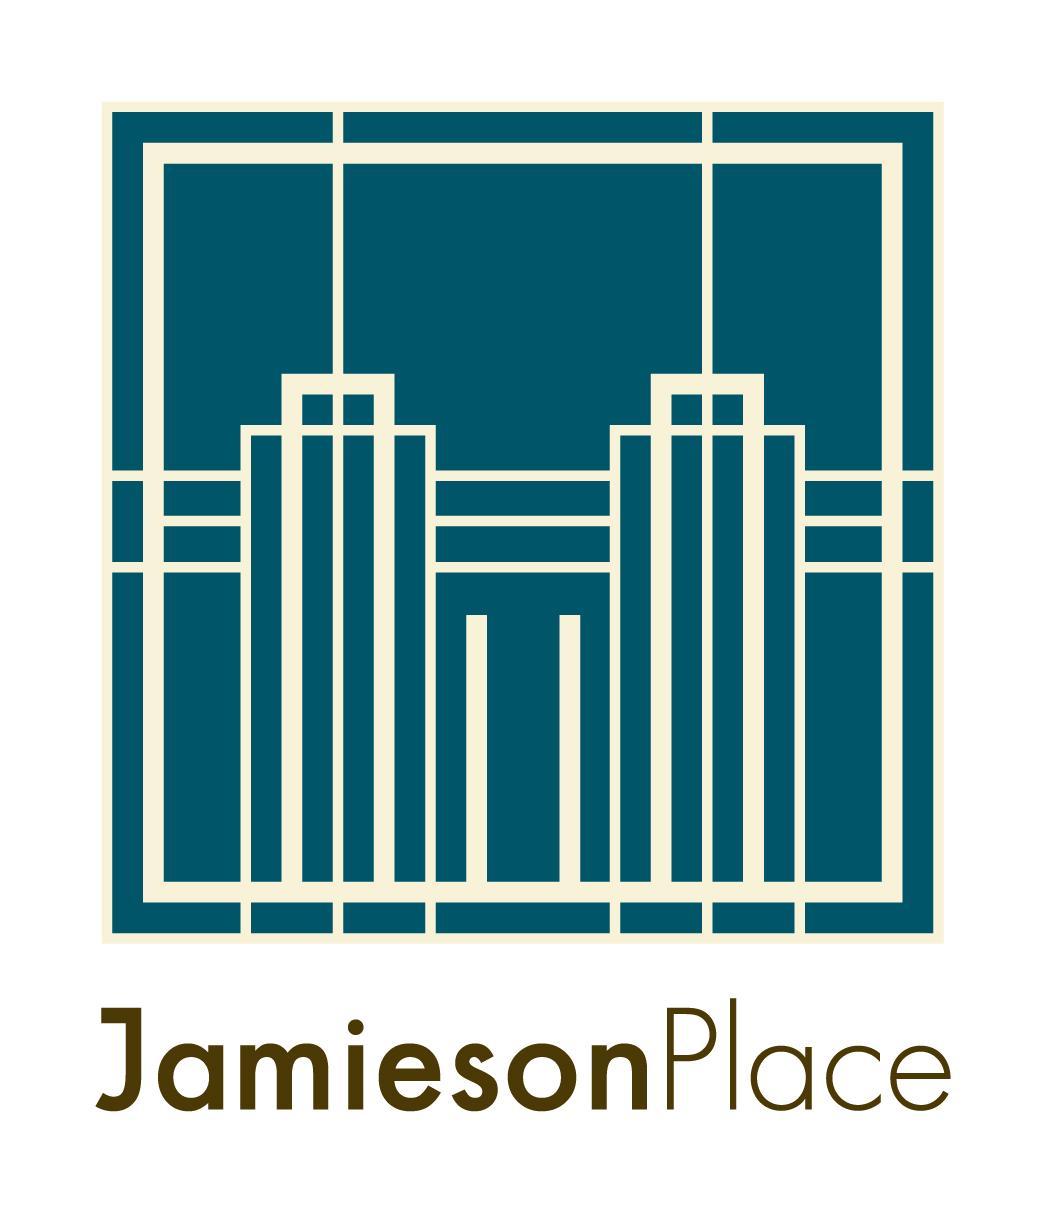 Jamieson Place